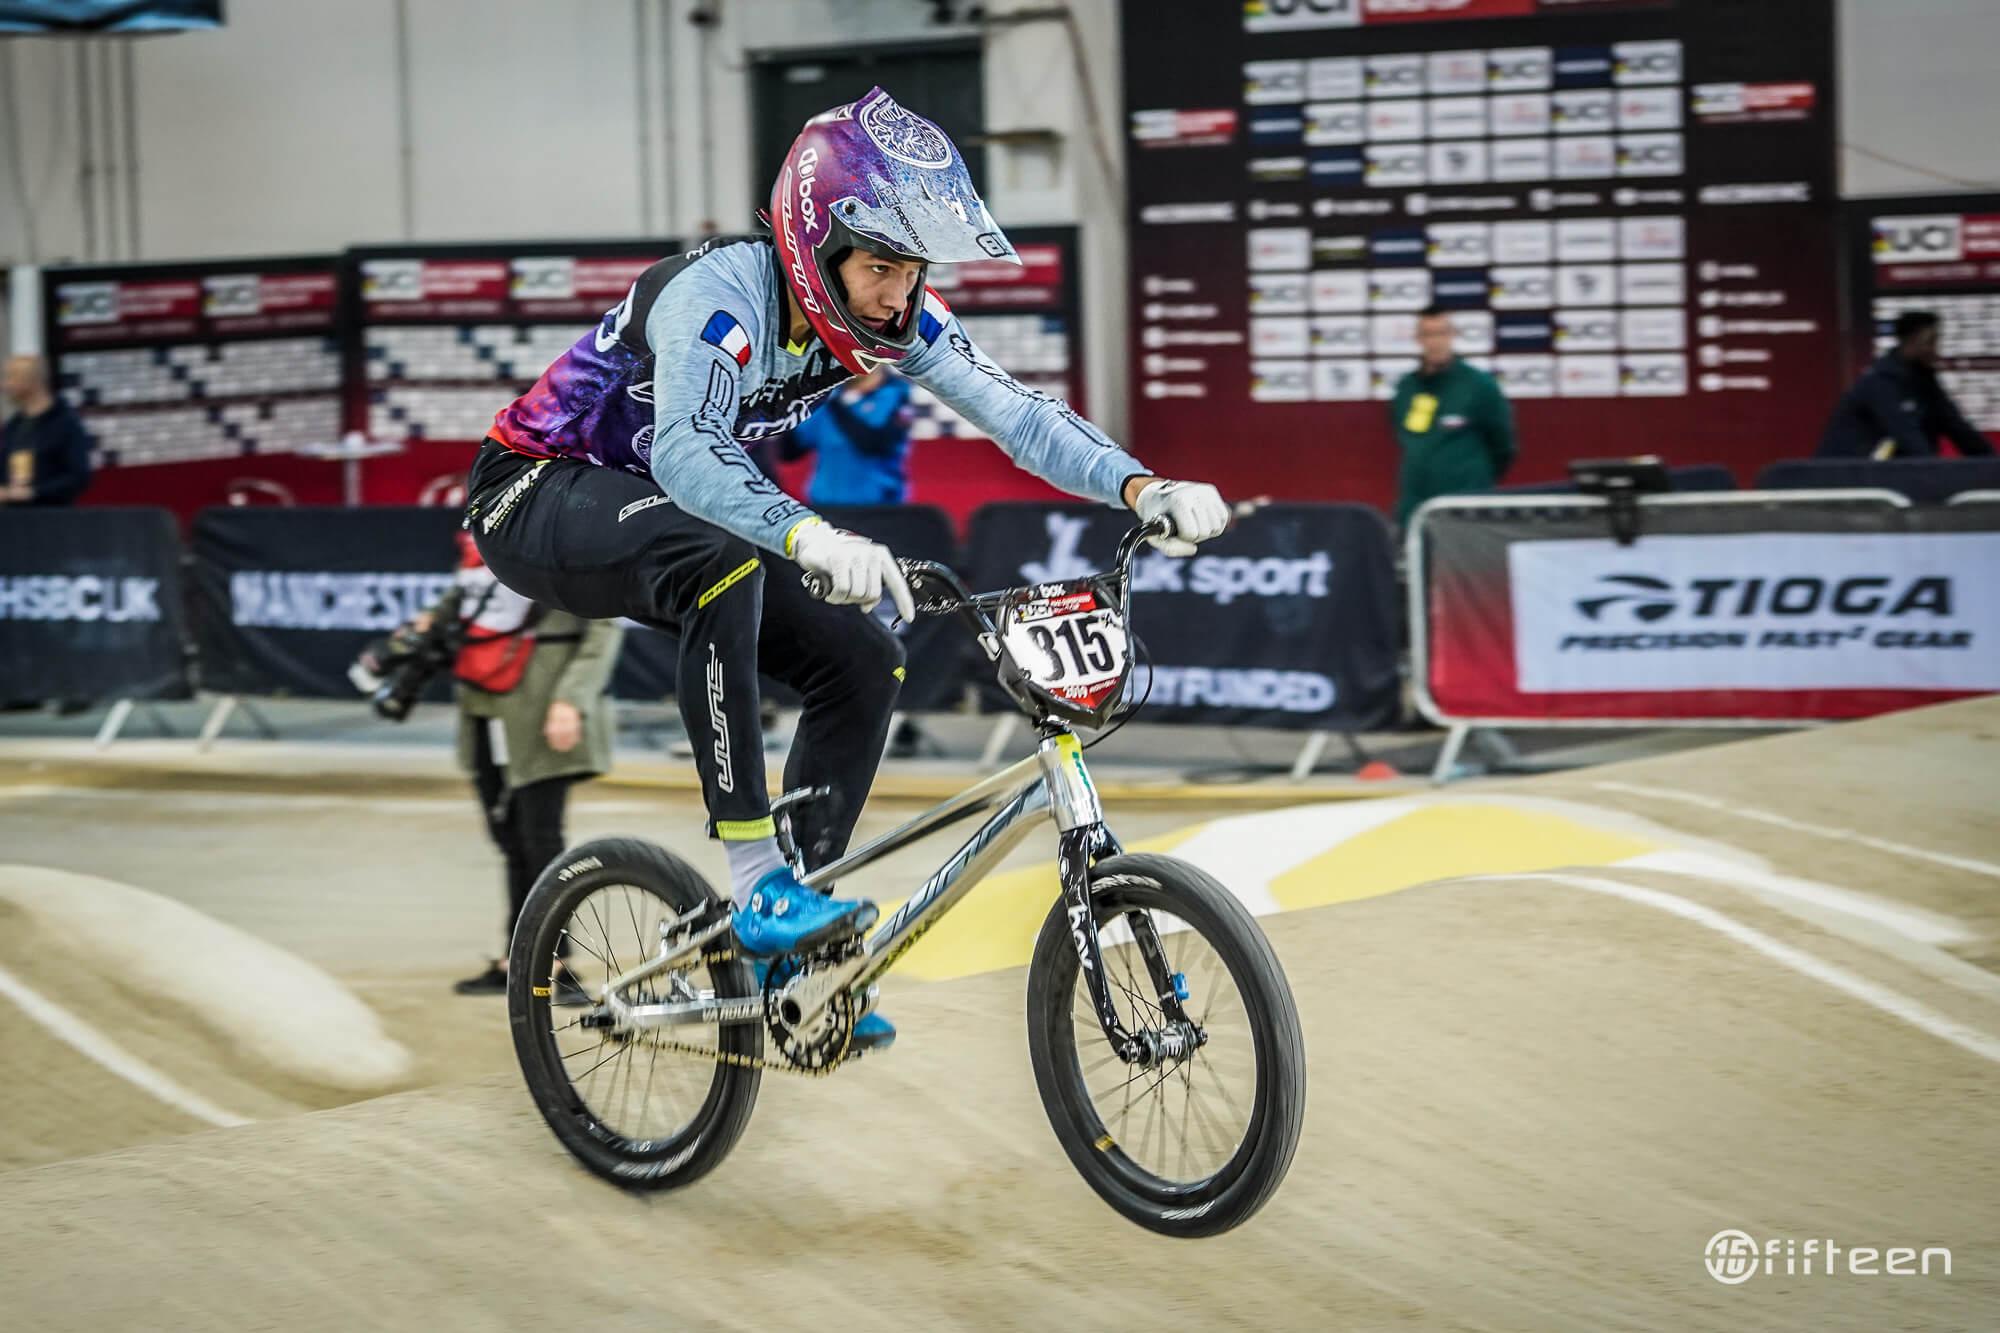 Eddy Clerte Manchester - Fifteen BMX